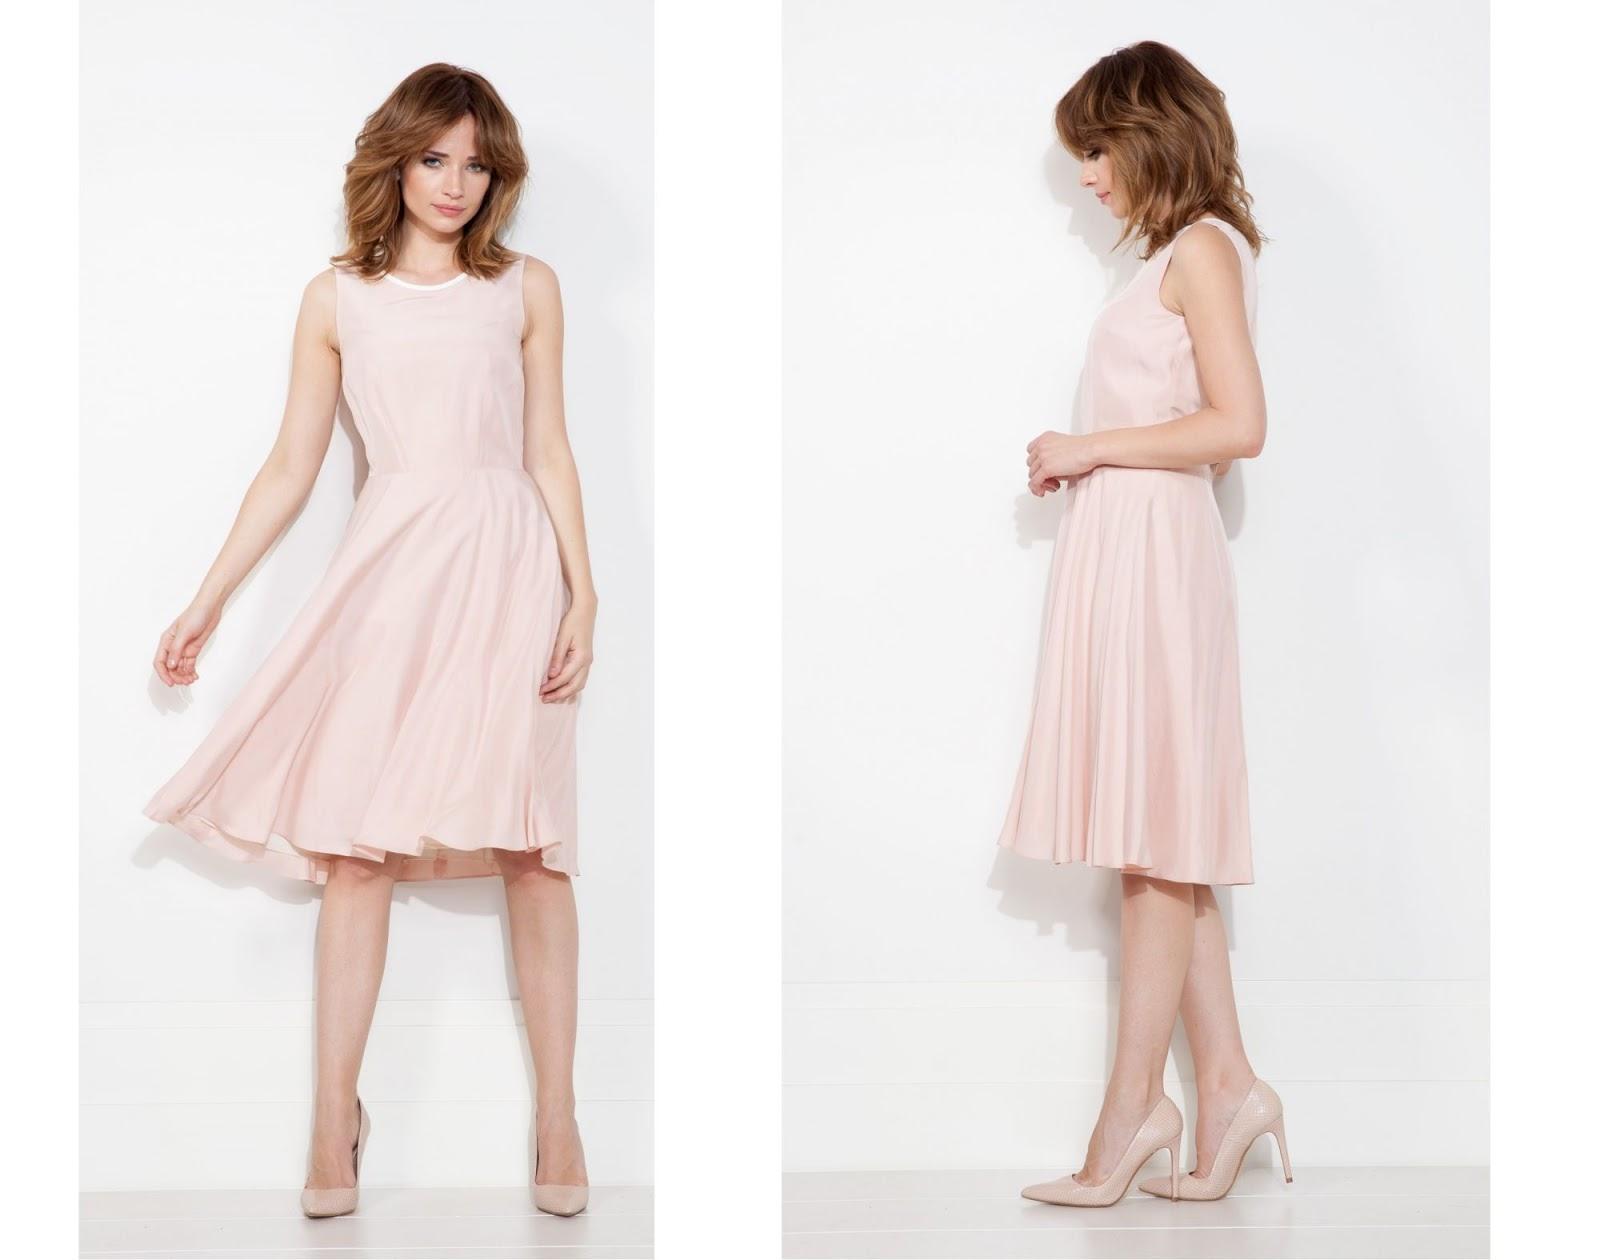 weselne sukienki | minimalistyczna sukienka | modna sukienka 2016 | jedwab